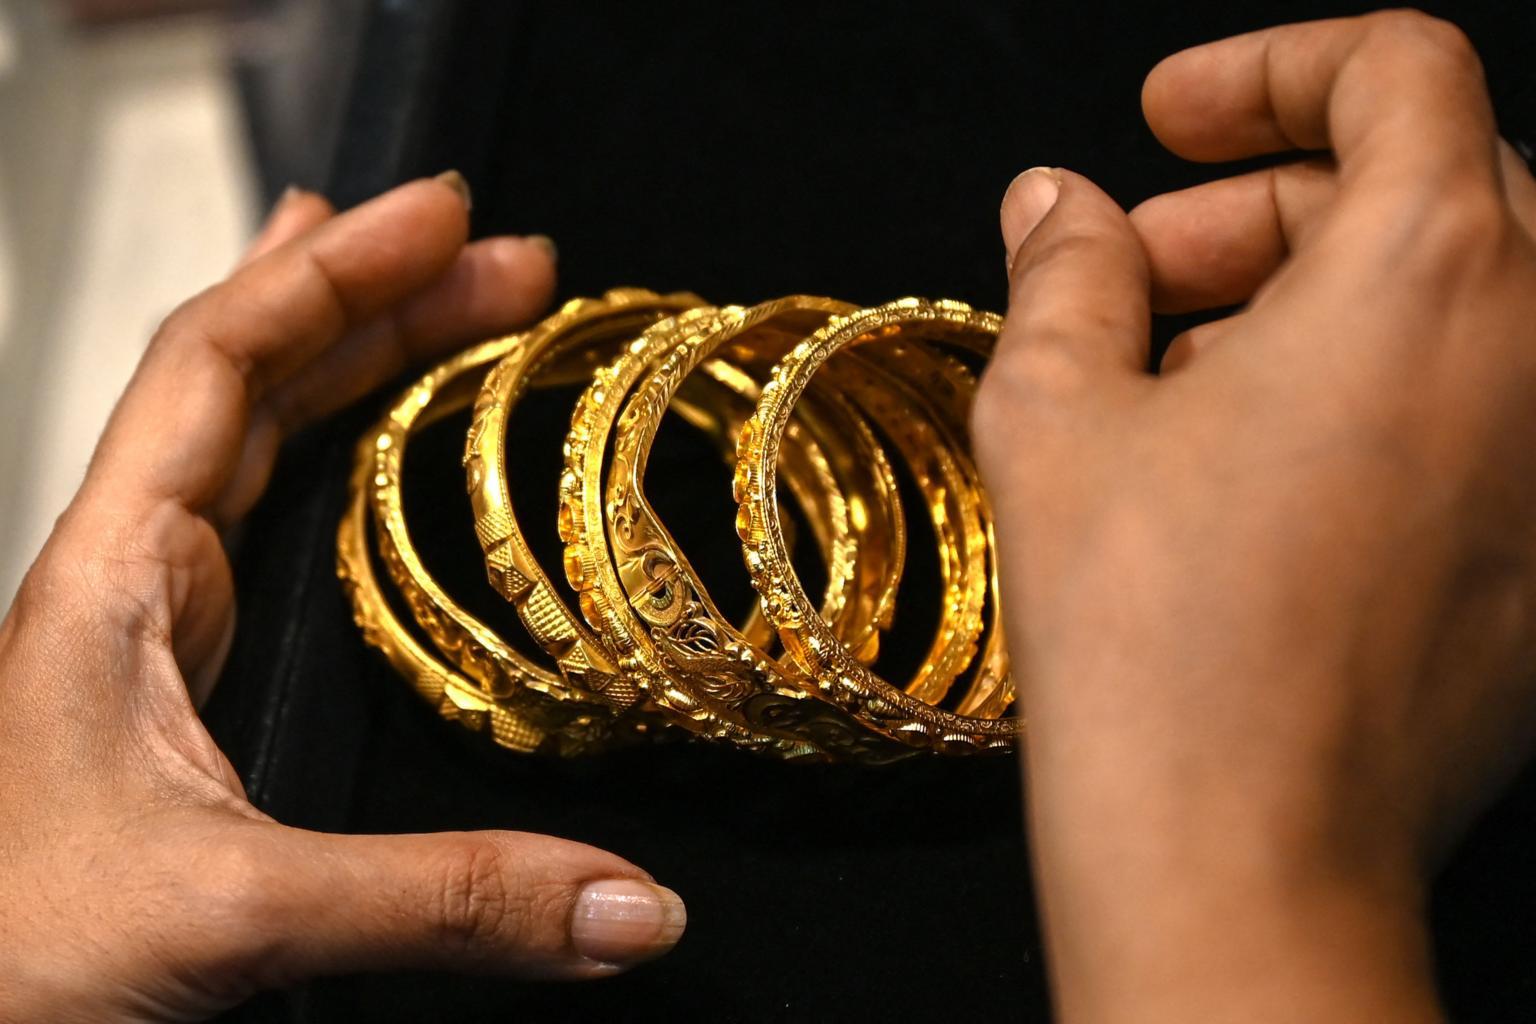 Các hộ gia đình Ấn Độ ước tính đang sở hữu 24.000 tấn vàng - trị giá 1,5 nghìn tỷ USD - dưới dạng tiền xu, thanh và đồ trang sức. ẢNH: AFP